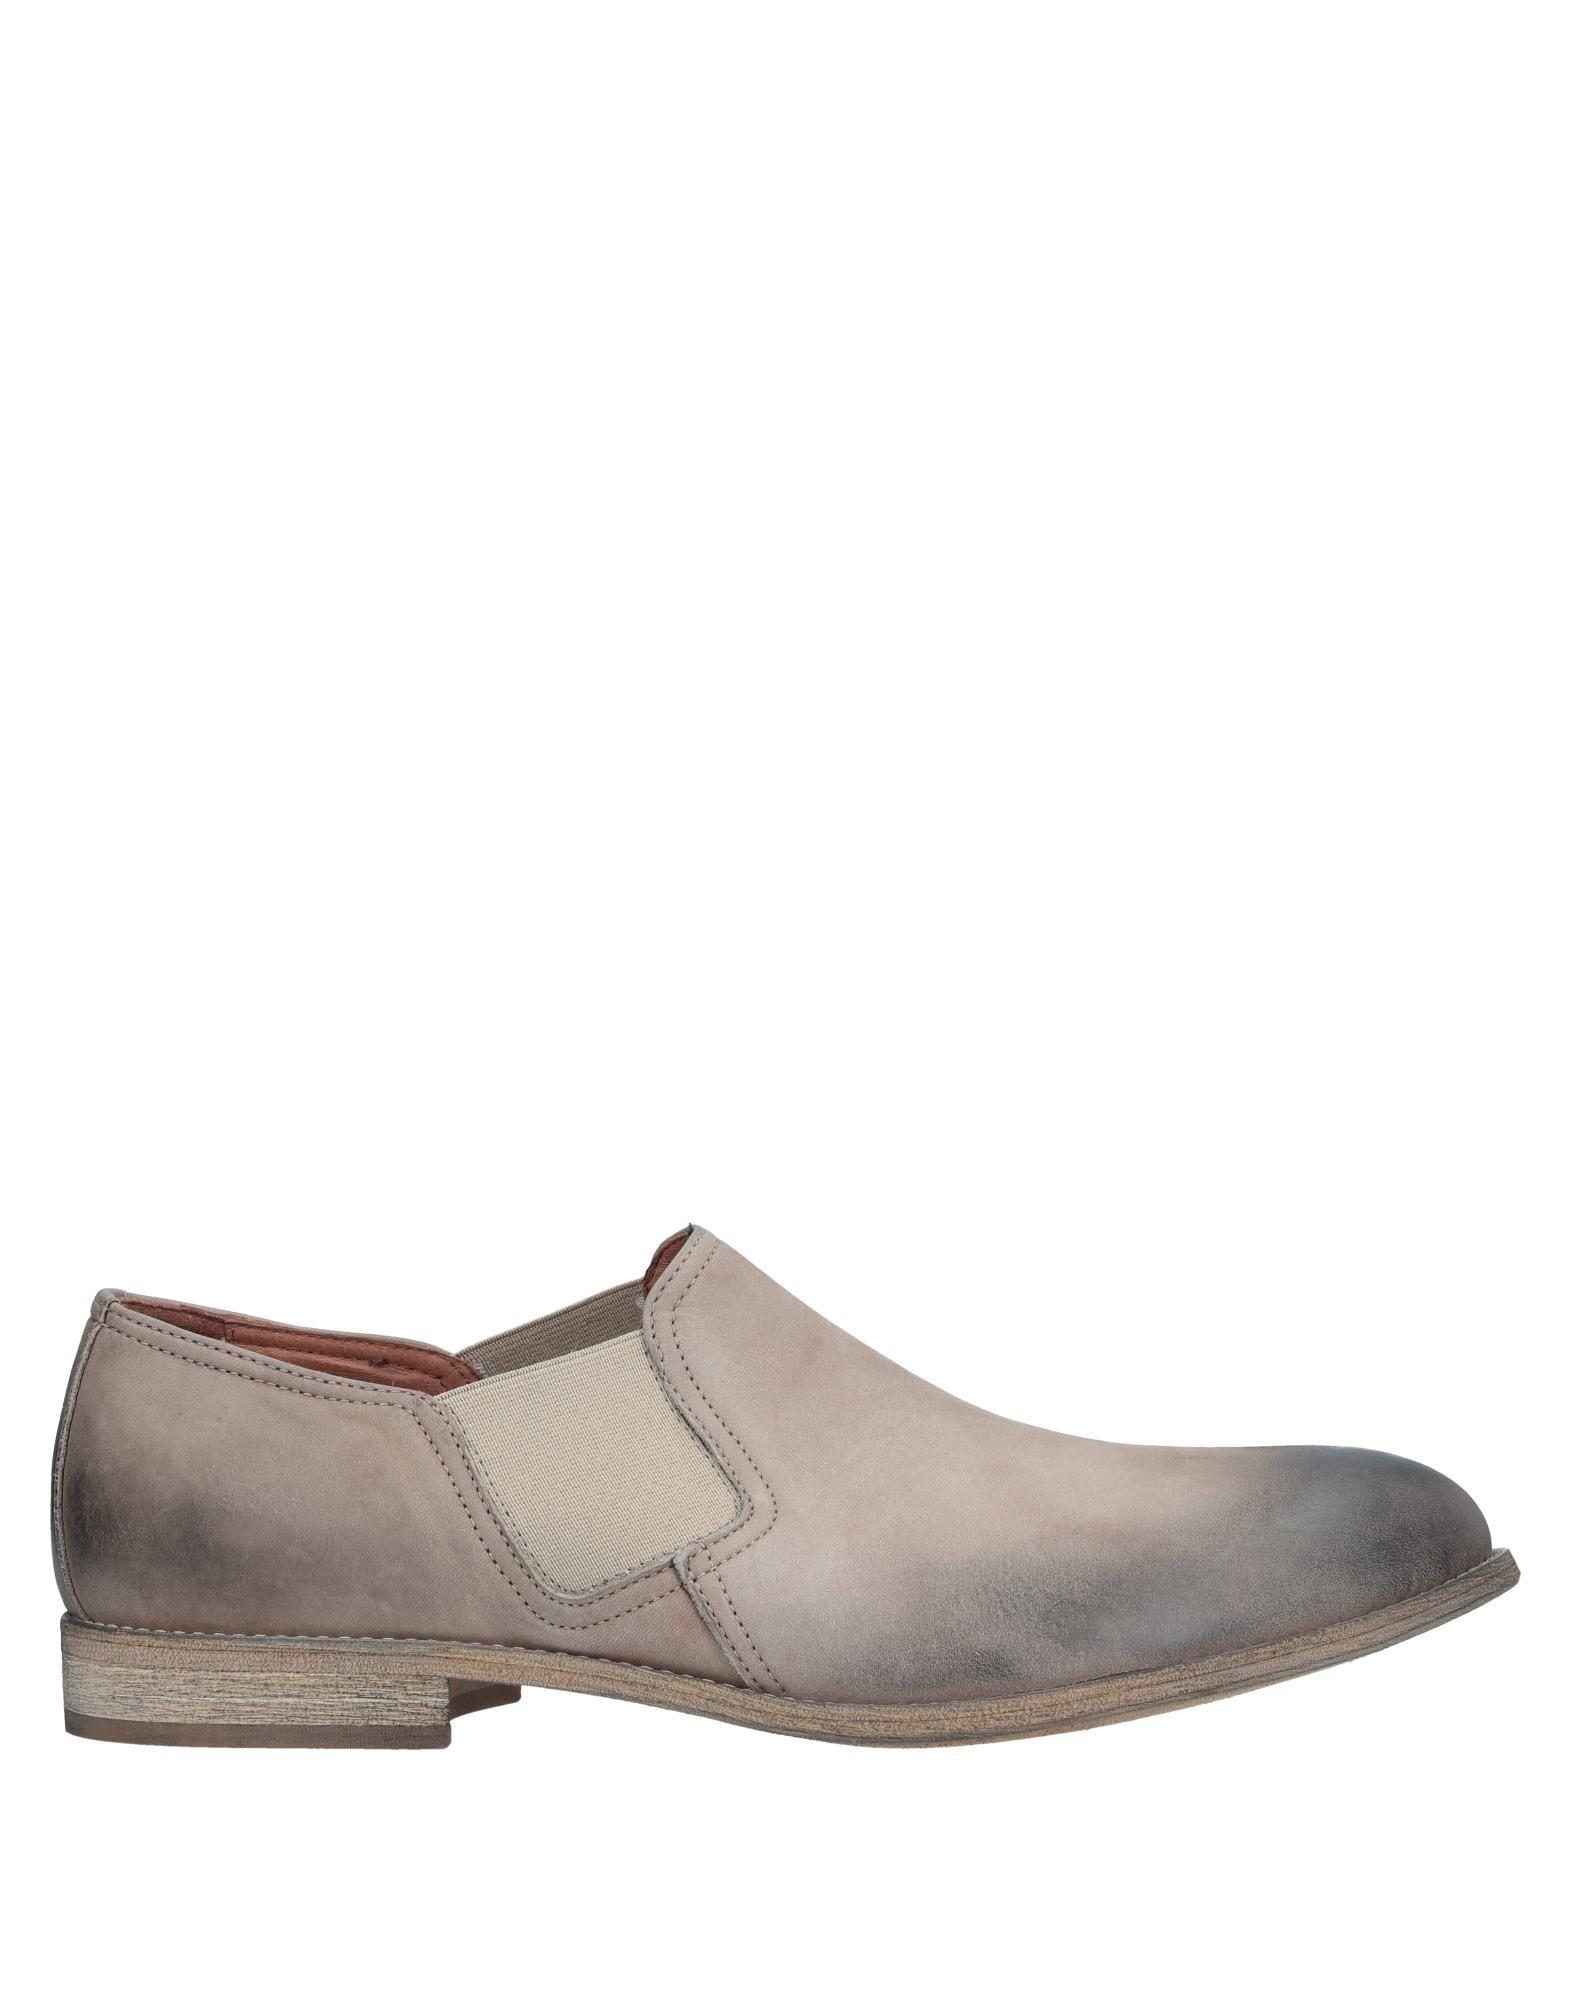 Rabatt echte Herren Schuhe Officina 36 Mokassins Herren echte  11540268PK 601126